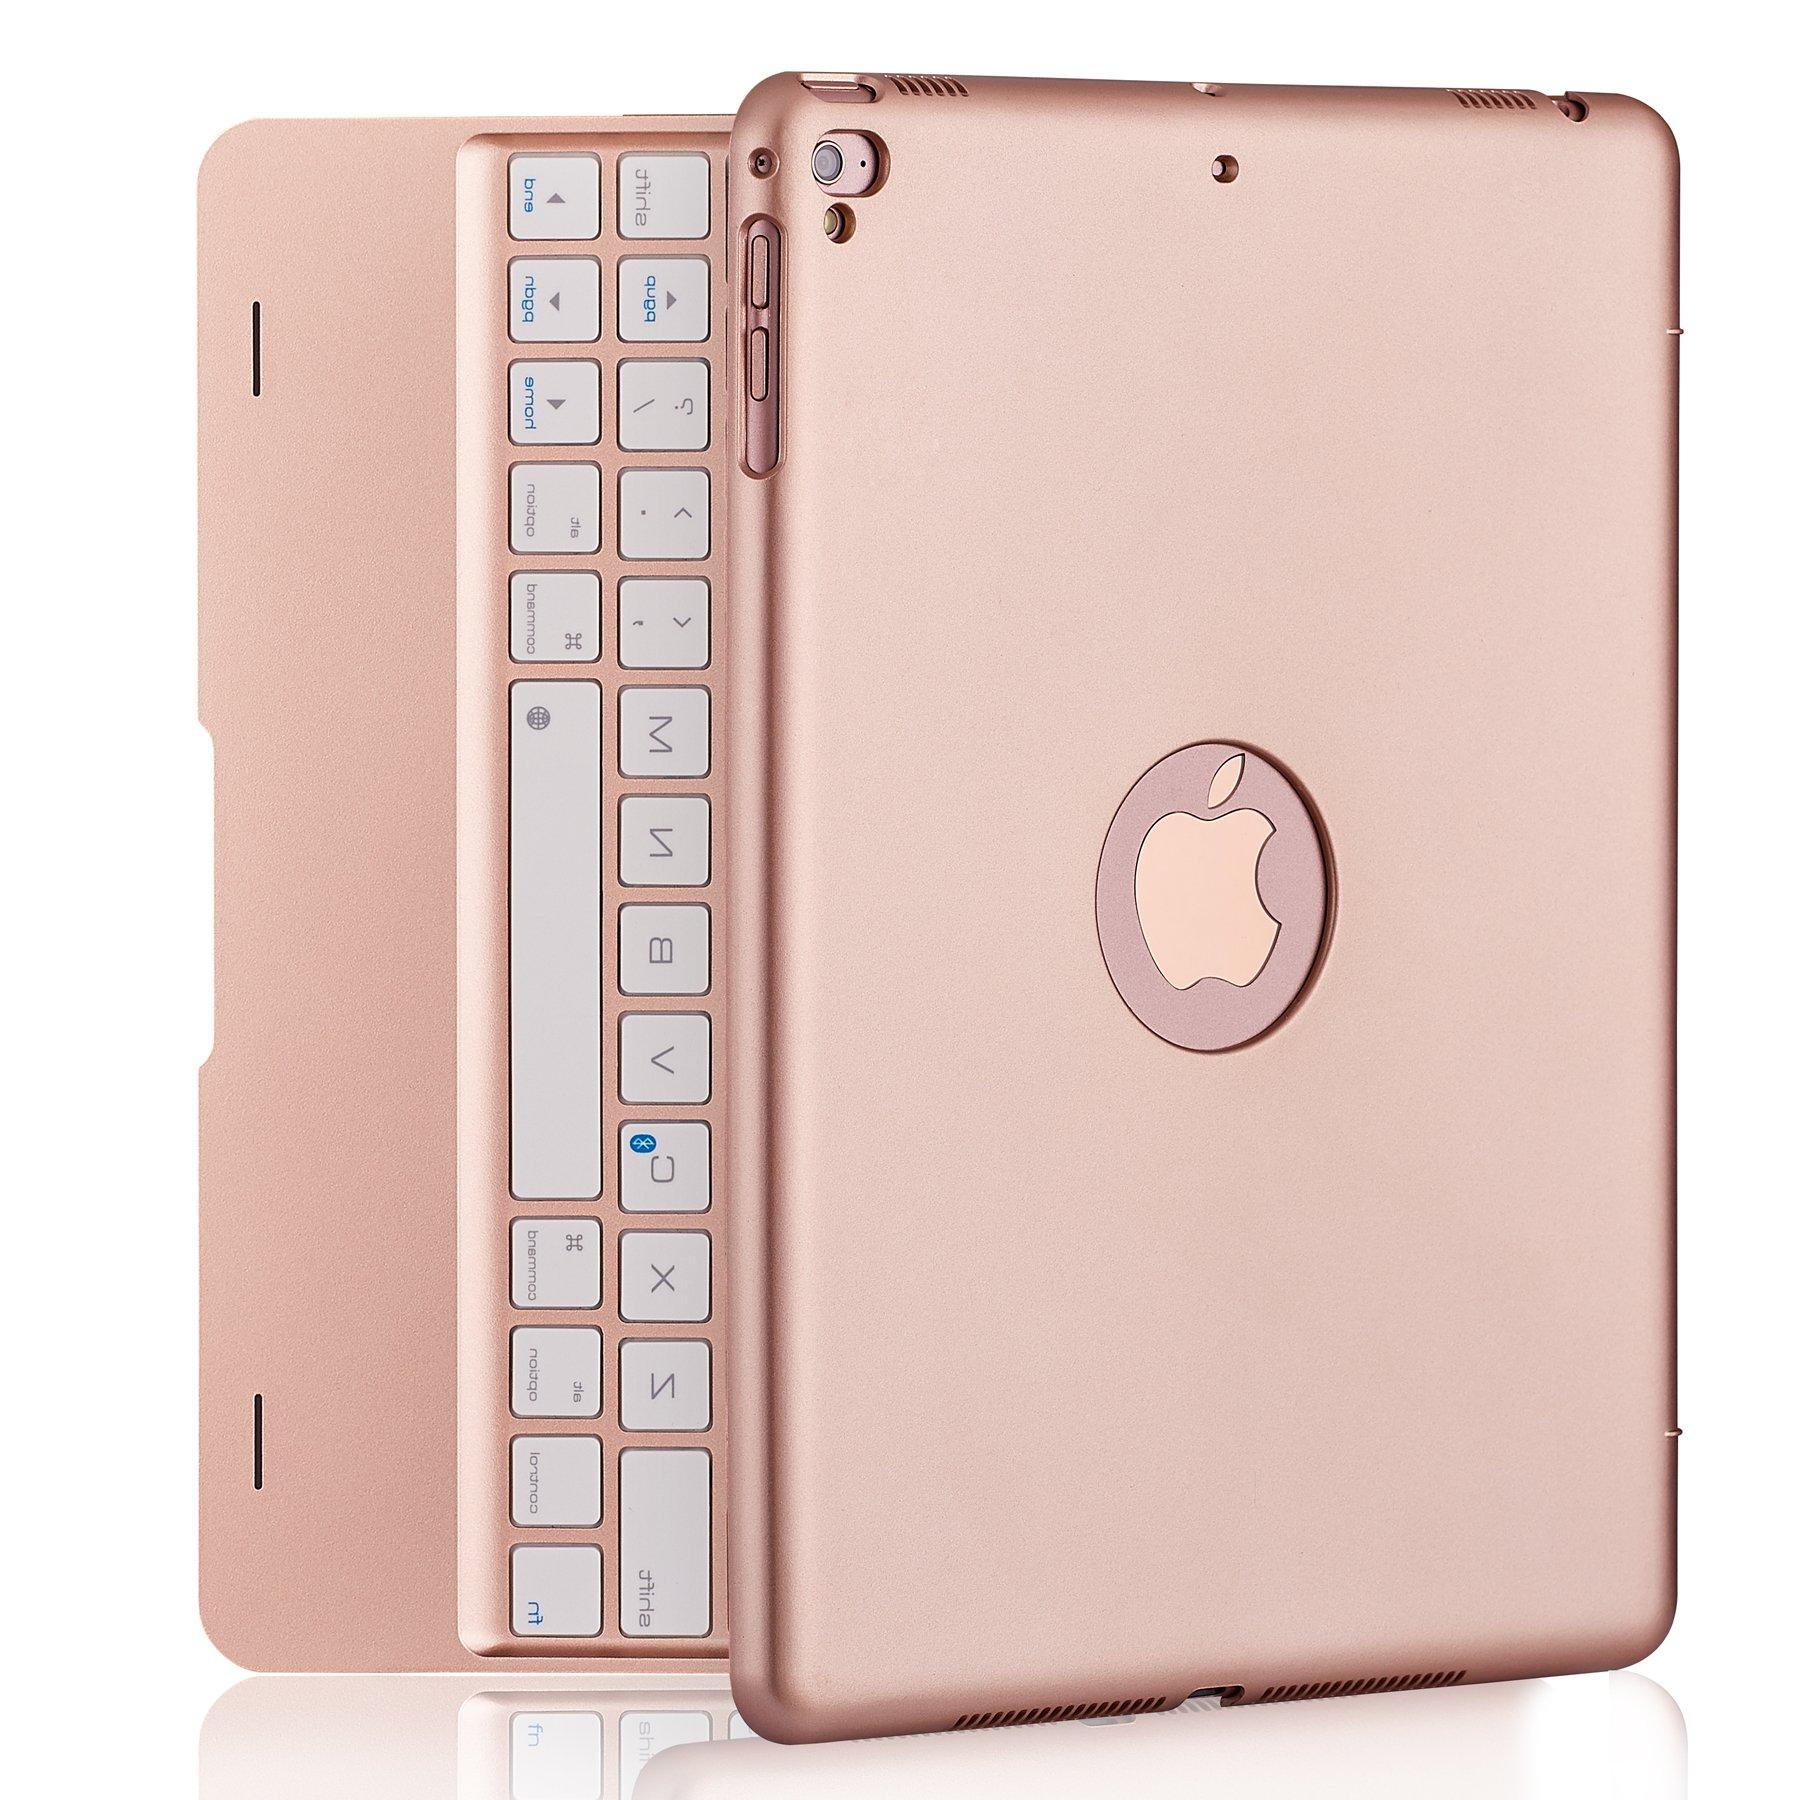 iPad Keyboard Case iPad Pro 9.7 inch, New 2018 iPad, 2017 iPad, iPad Air 1 2 Bluetooth Keyboard 130° Smart Folio Hard Back Cover, Ultra Slim, Auto Wake Sleep (Rose Gold)